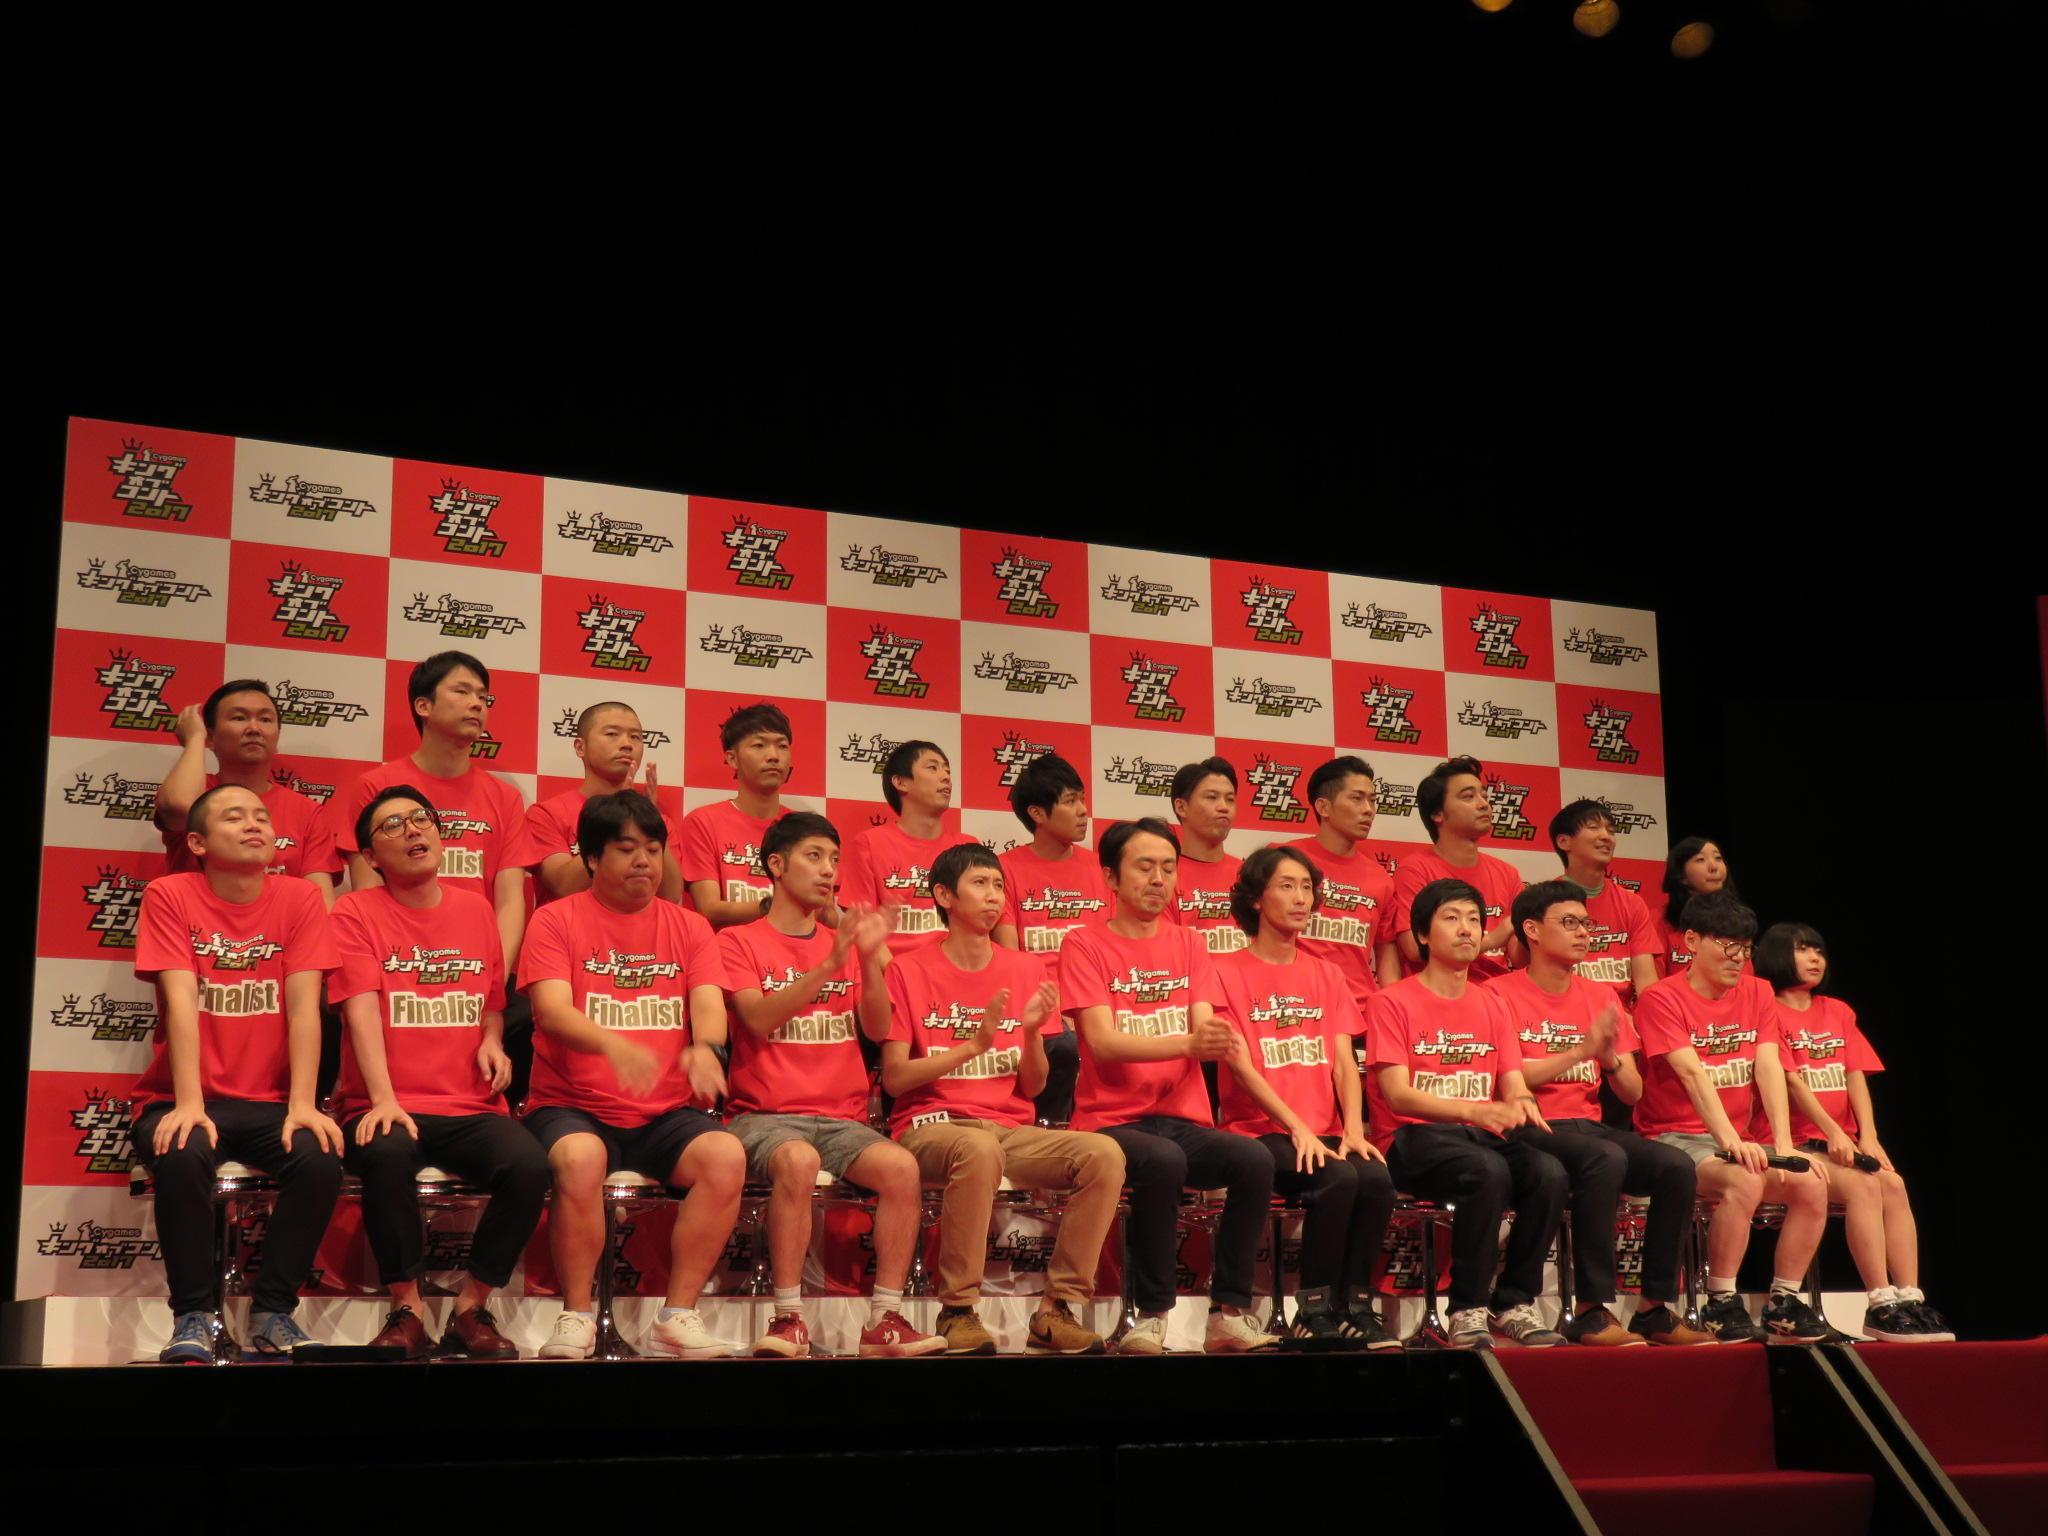 http://news.yoshimoto.co.jp/20170909005155-7bd8dc033942a4fc6cd21732139c360f3fd930a6.jpg